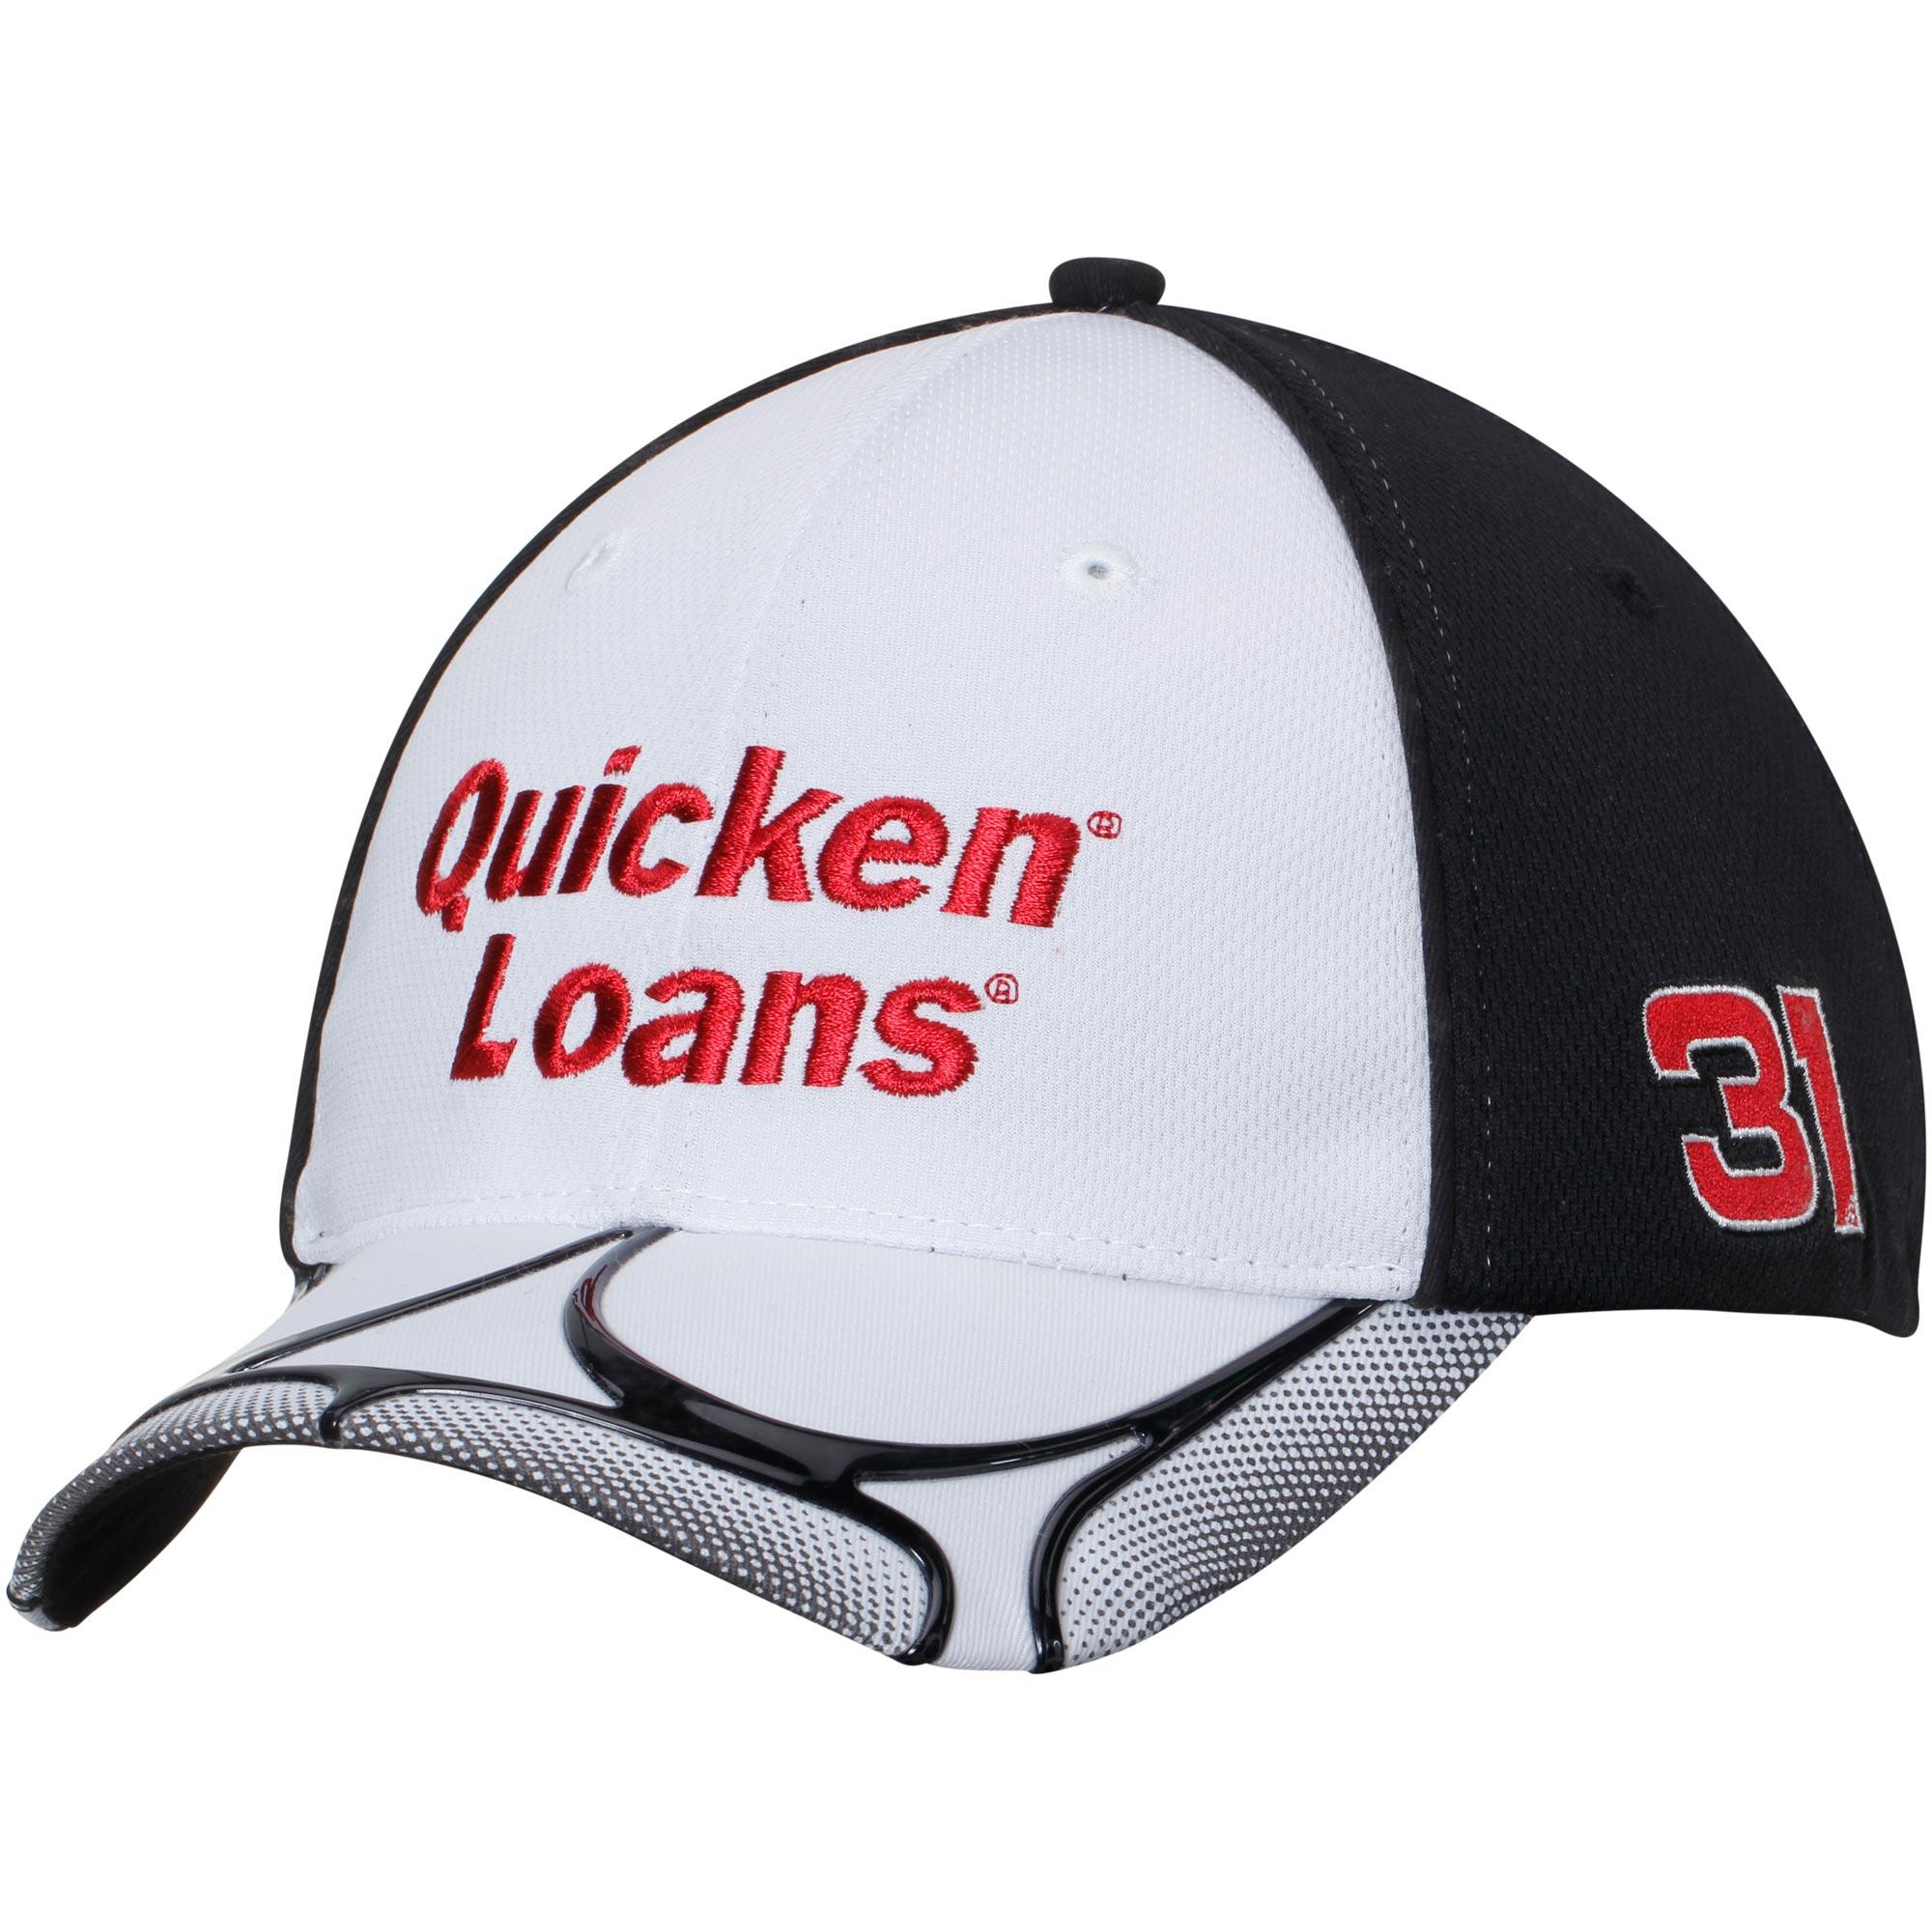 Ryan Newman Chase Authentics Quicken Loans Geo Flex Hat - White/Black - OSFA